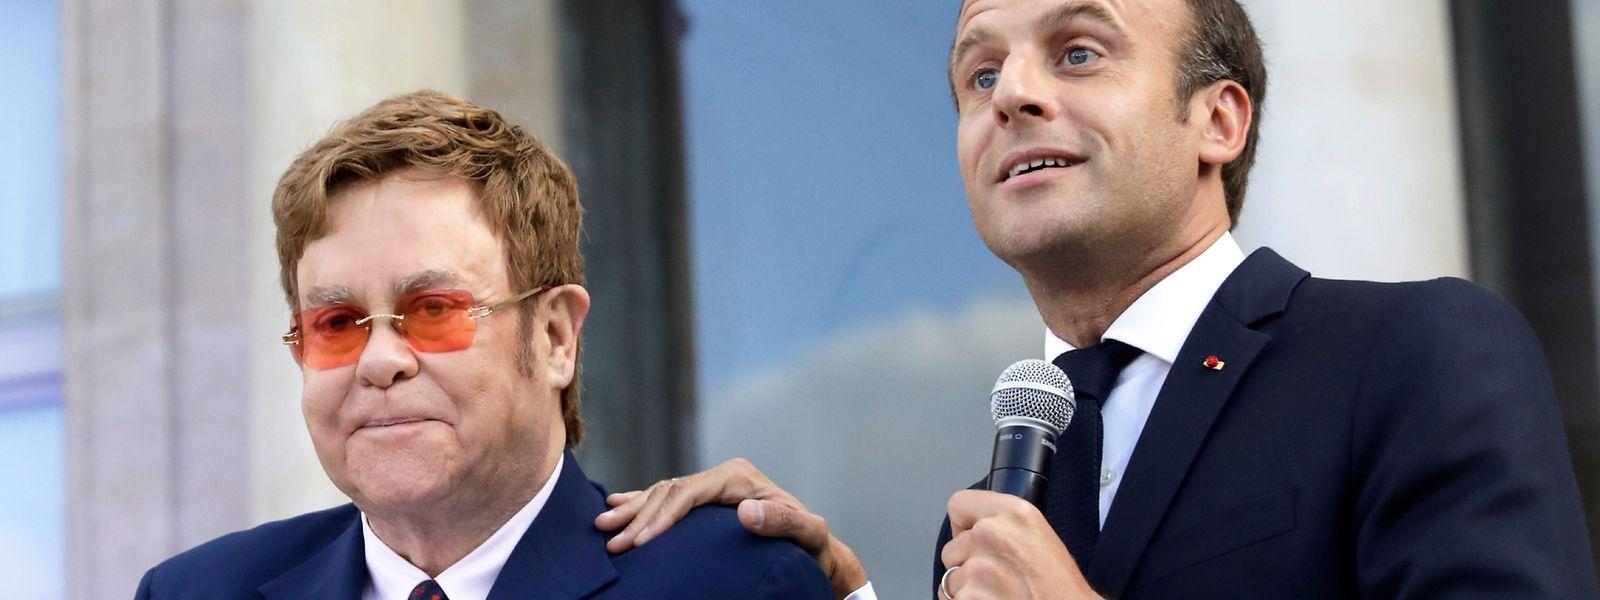 Macron nahm das Treffen mit der Poplegende zum Anlass, um zum Kampf gegen gefährliche Krankheiten wie Aids, Tuberkulose und Malaria aufzurufen.